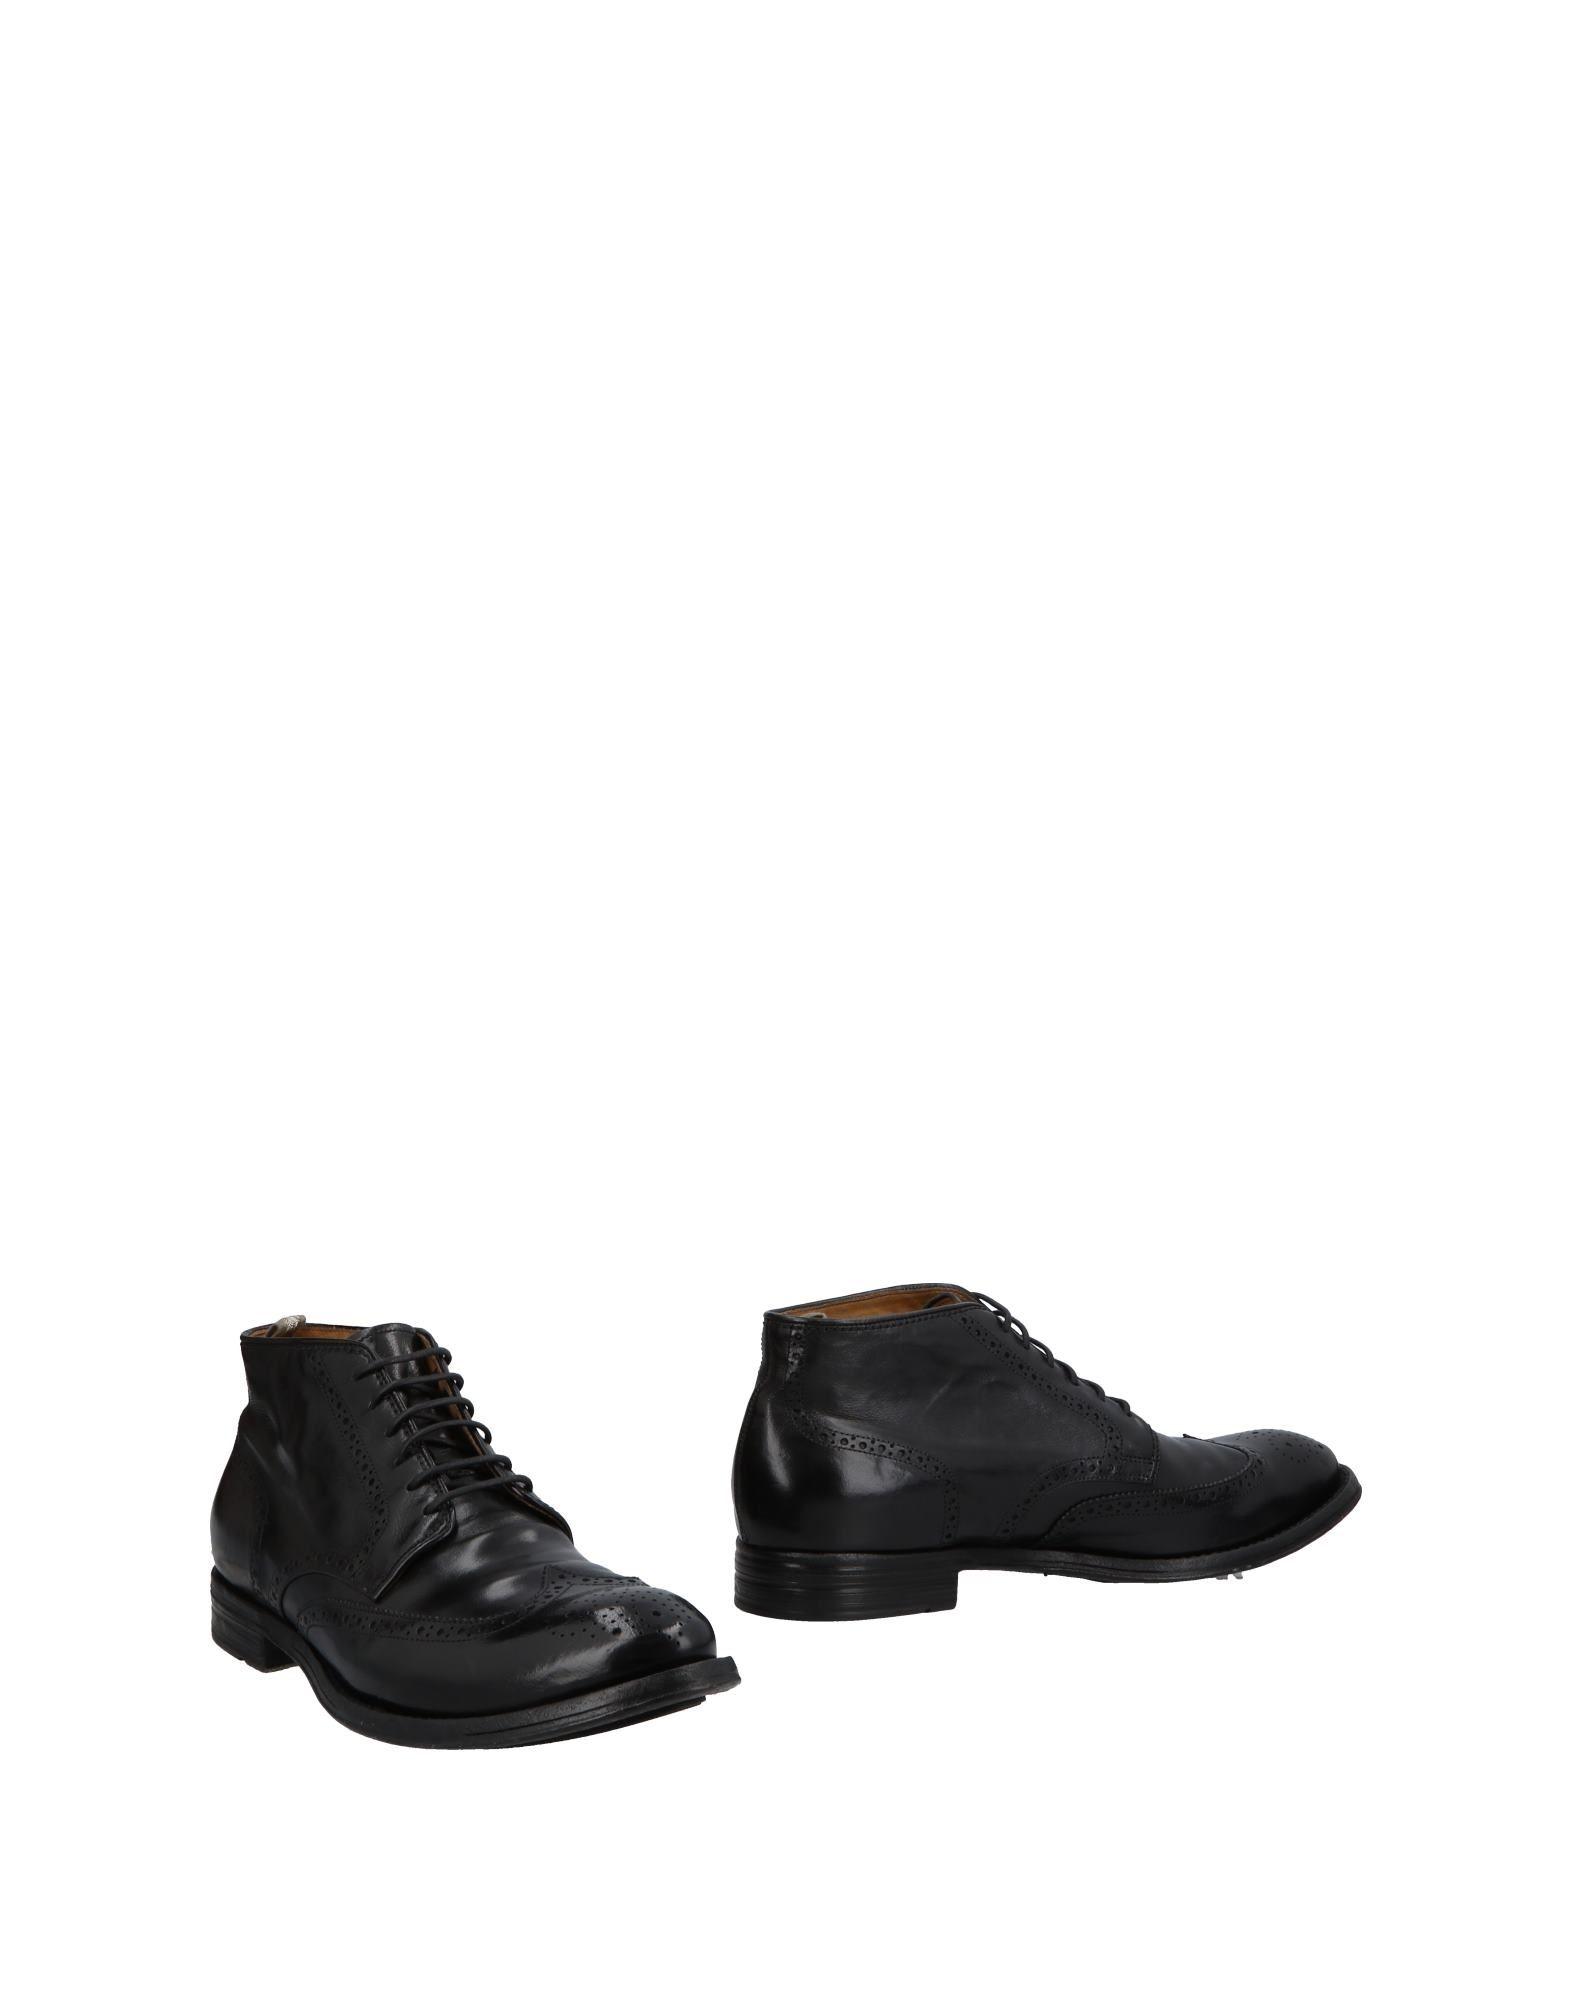 Officine Creative Italia Stiefelette Herren  11487886NE Gute Qualität beliebte Schuhe